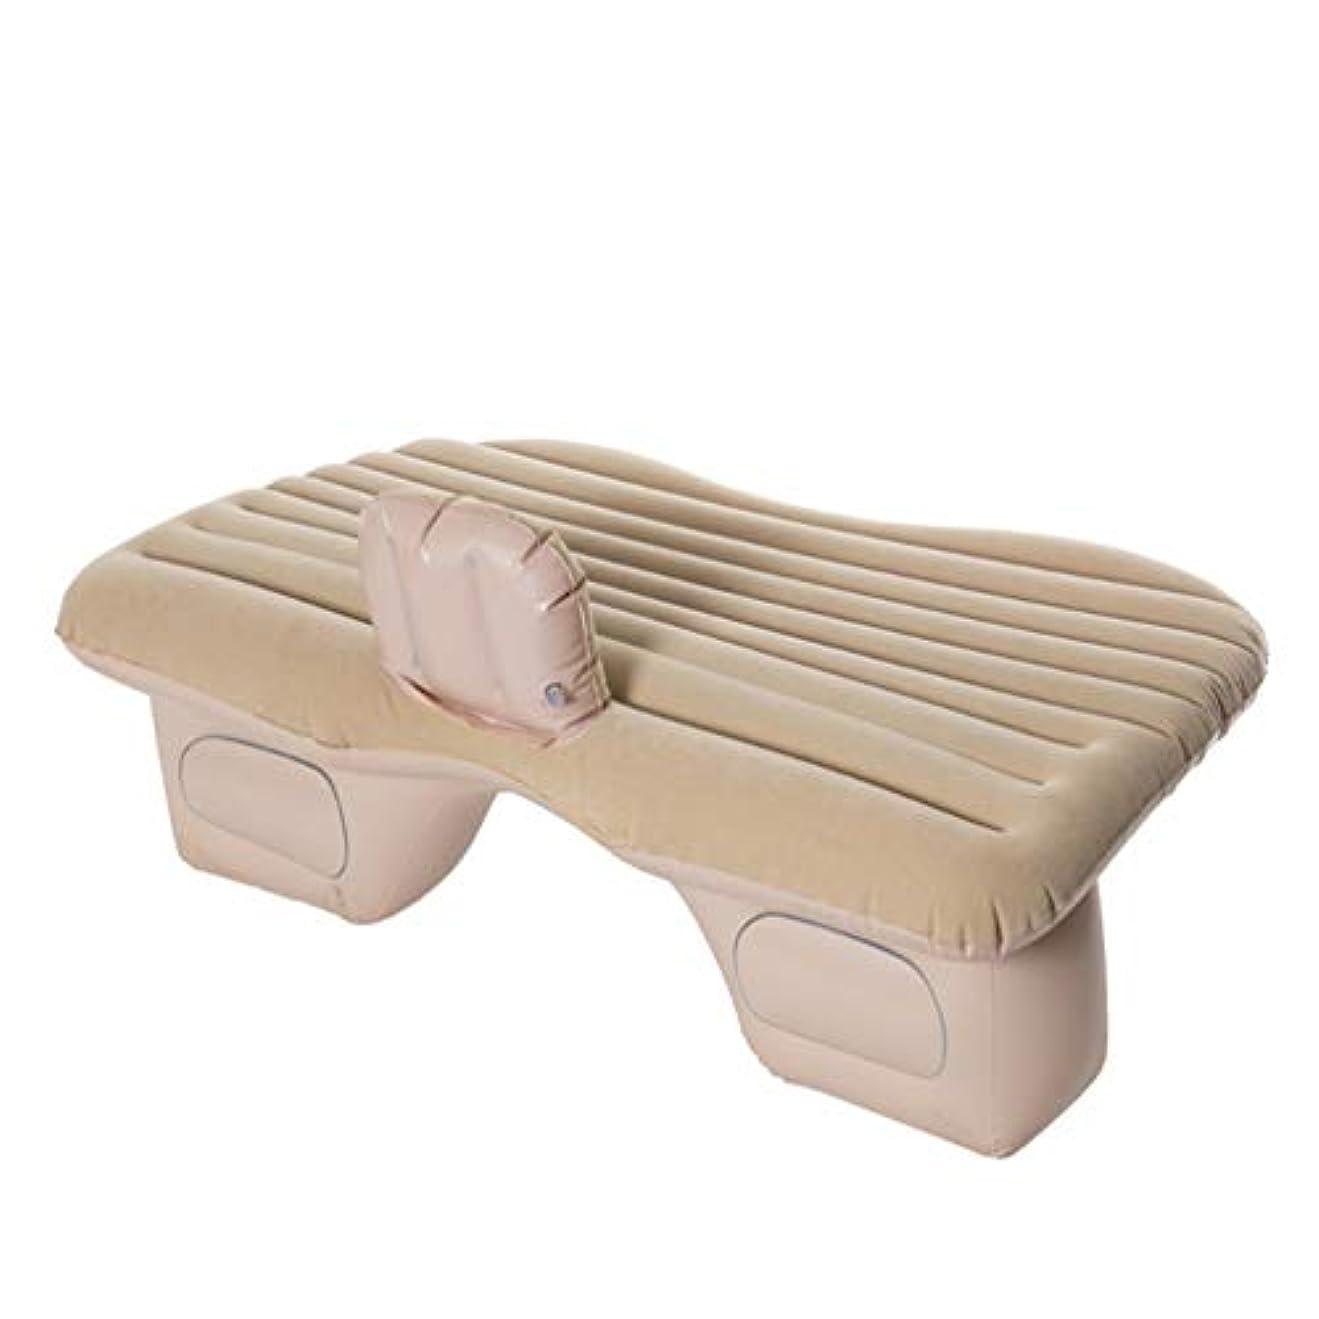 一次好色な探偵普遍的なエアベッドのマットレスの速いポンプ膨脹可能な旅行自動柔らかい寝具